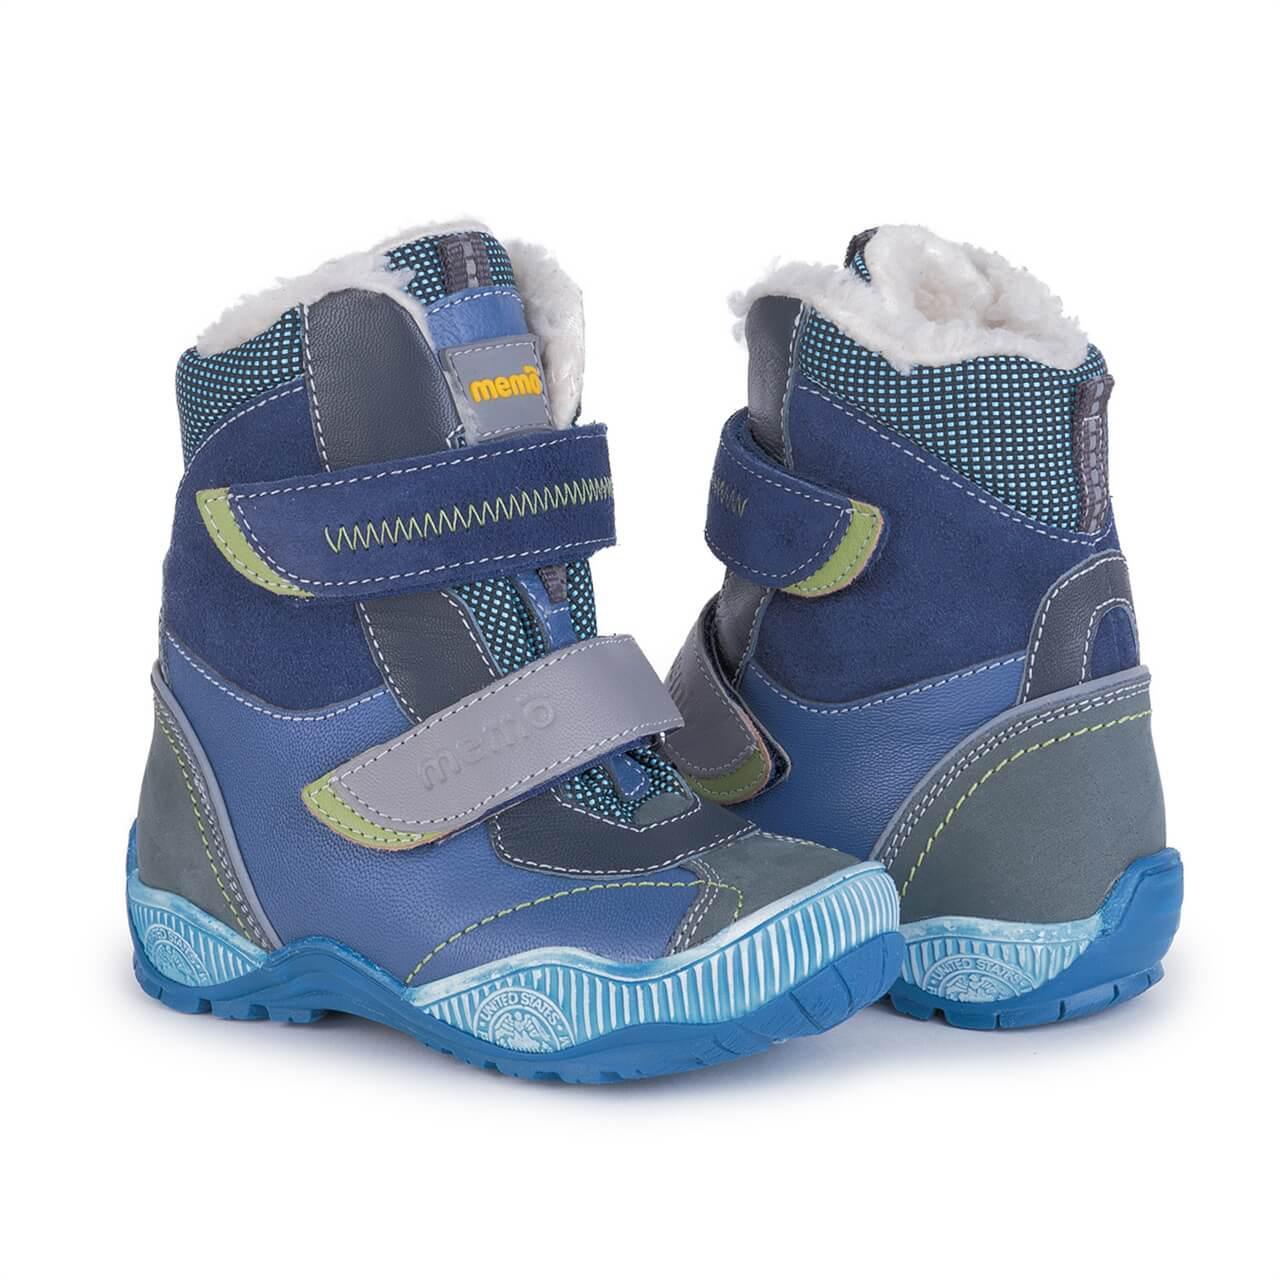 Купить Зимние ортопедические ботинки для детей Memo Aspen 1DA синие 24